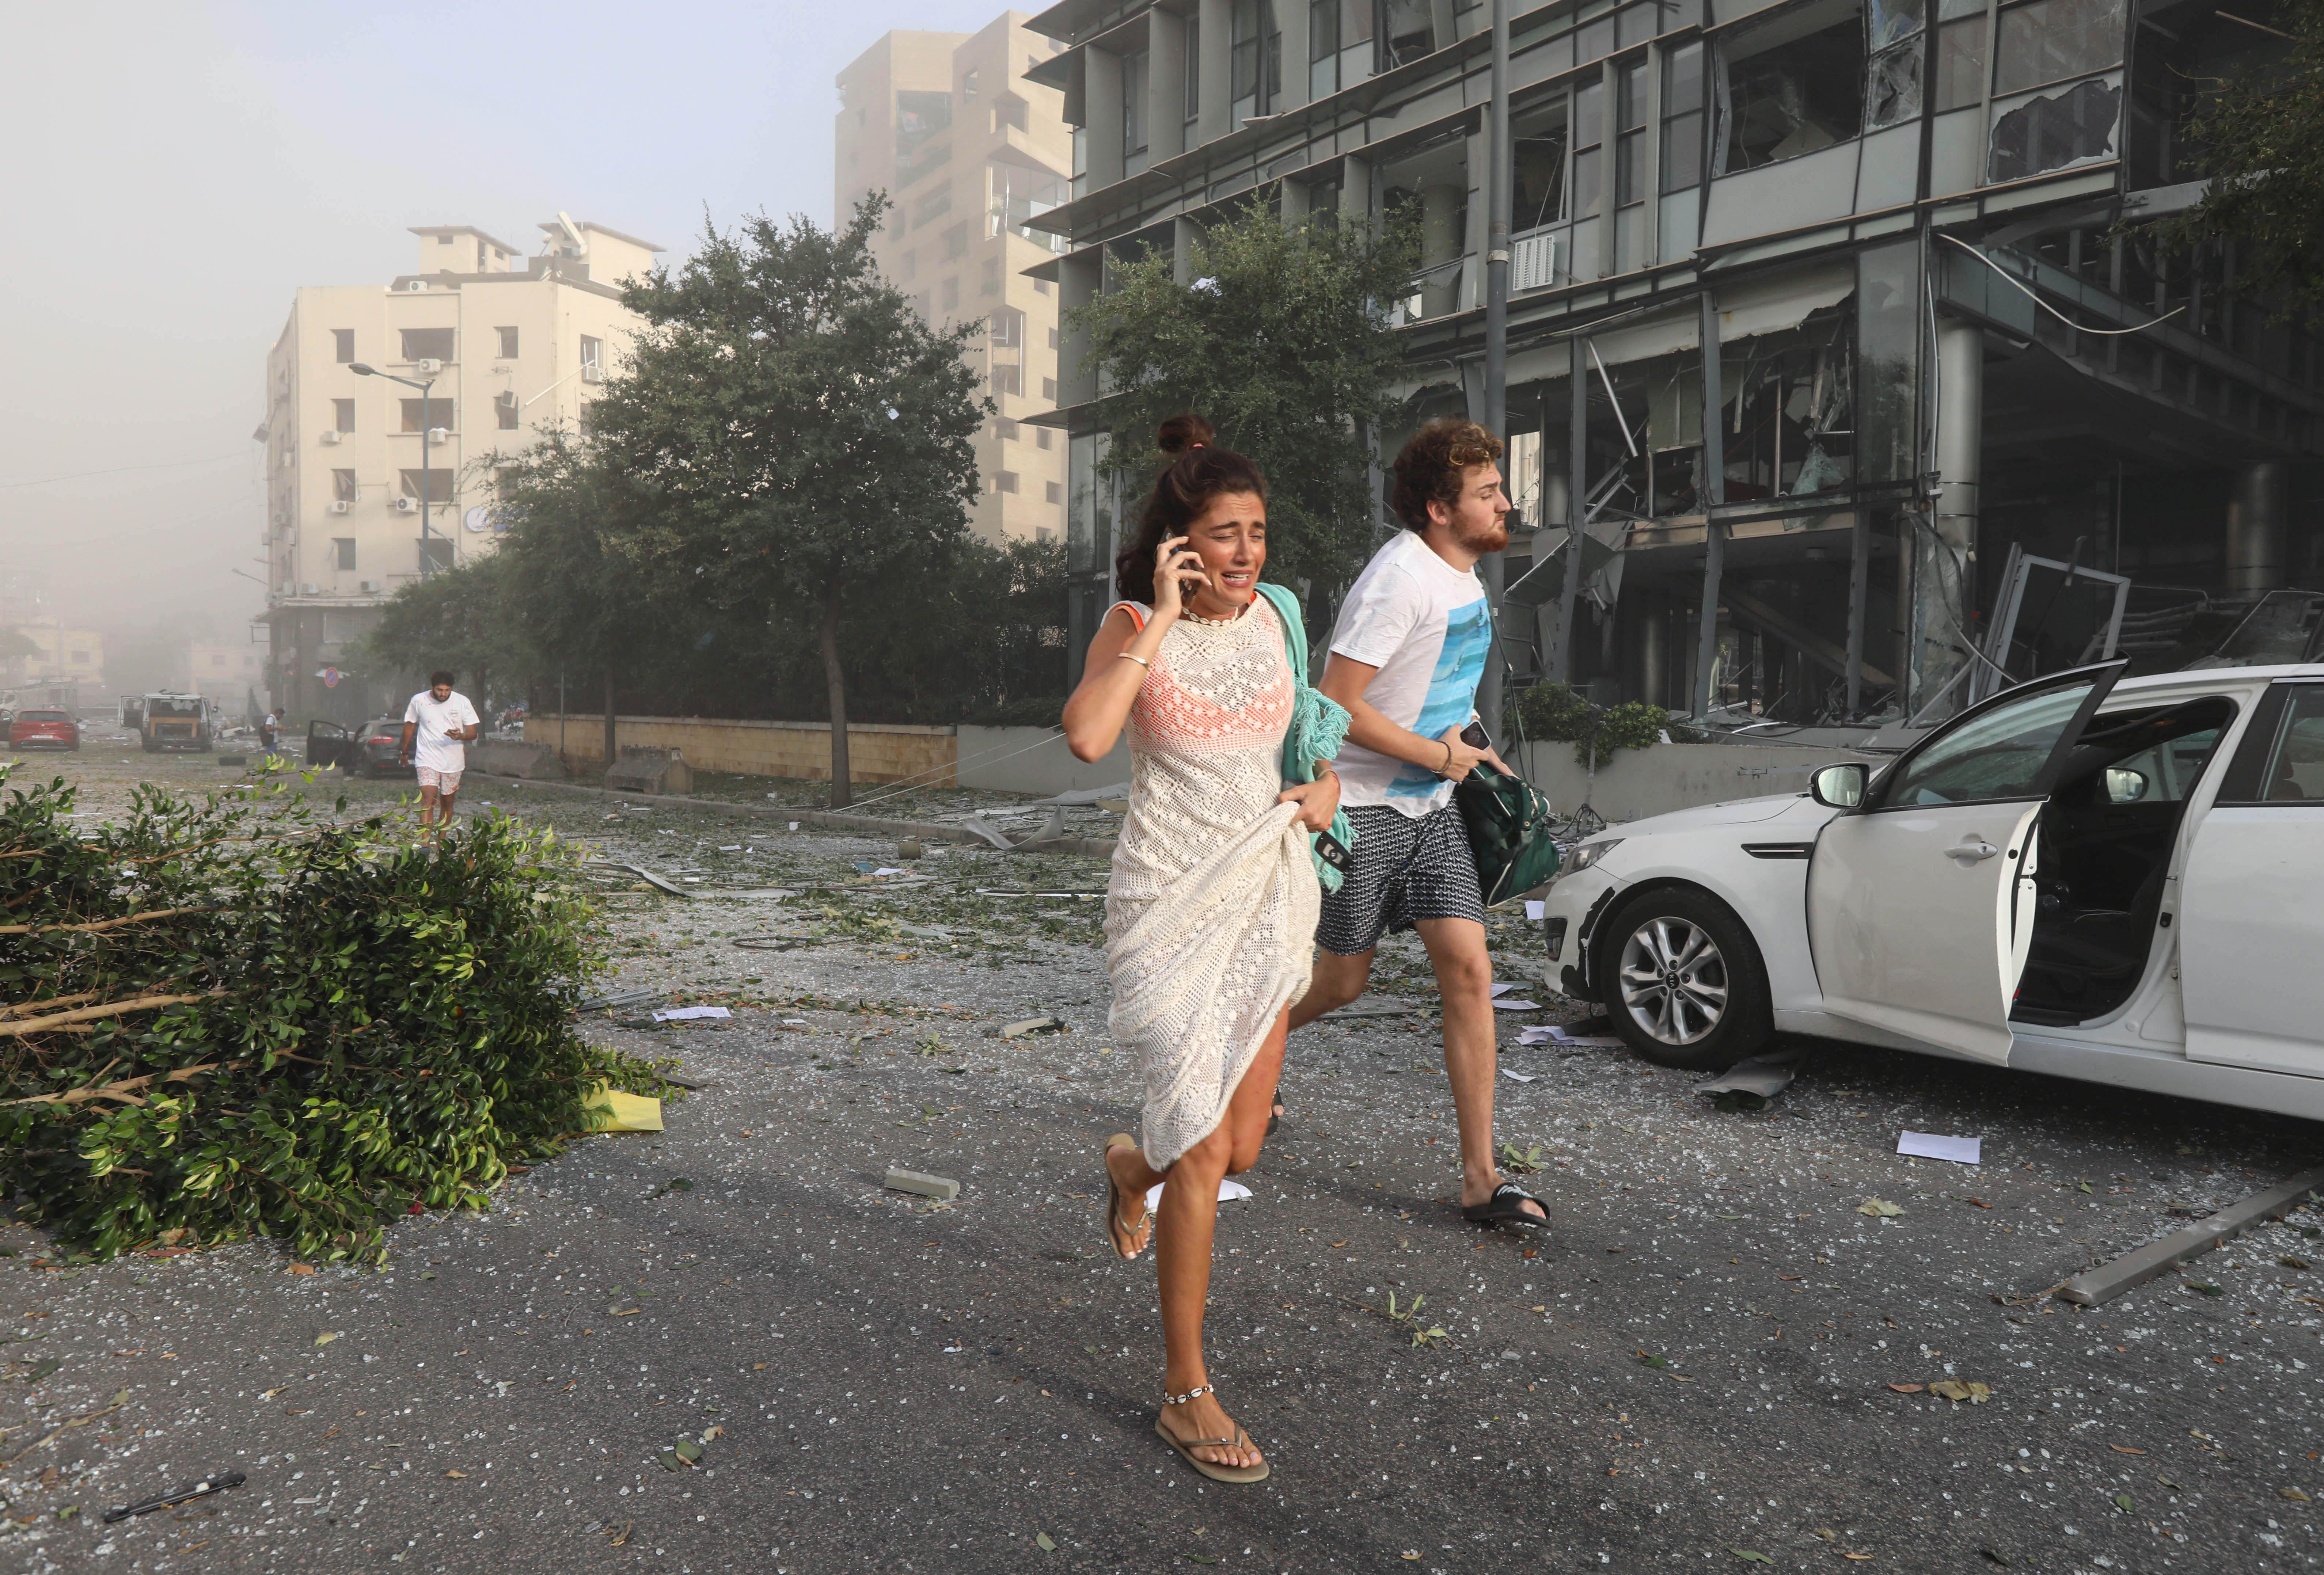 ذعر وخوف سببه انفجار بيروت بين الناس